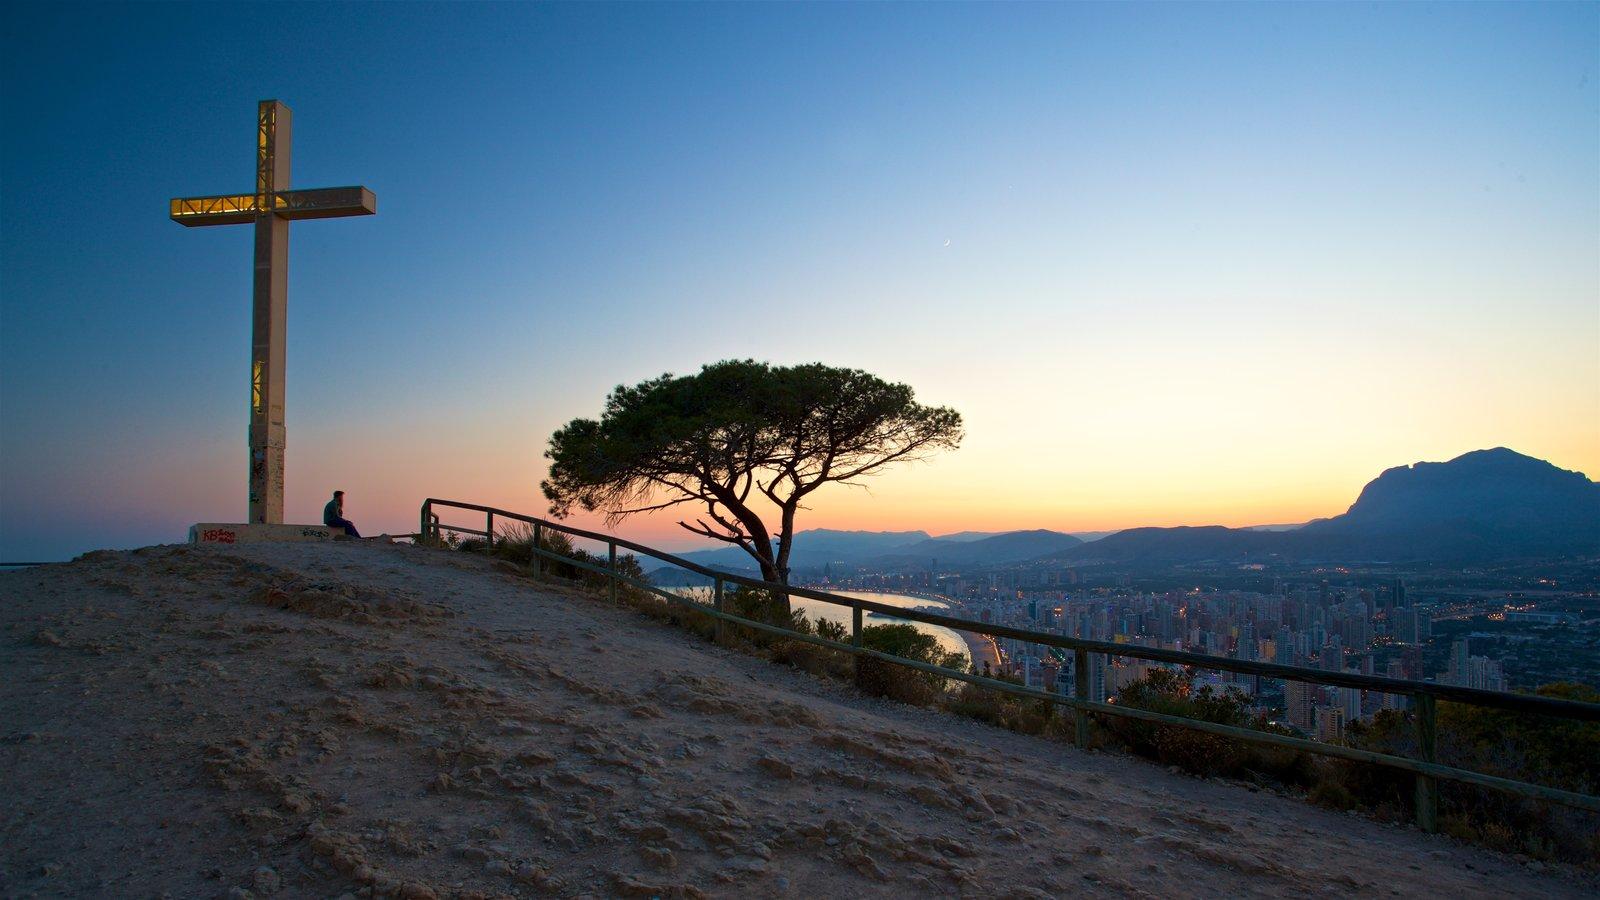 La Cruz de Benidorm mostrando vistas de paisajes, un monumento y vistas